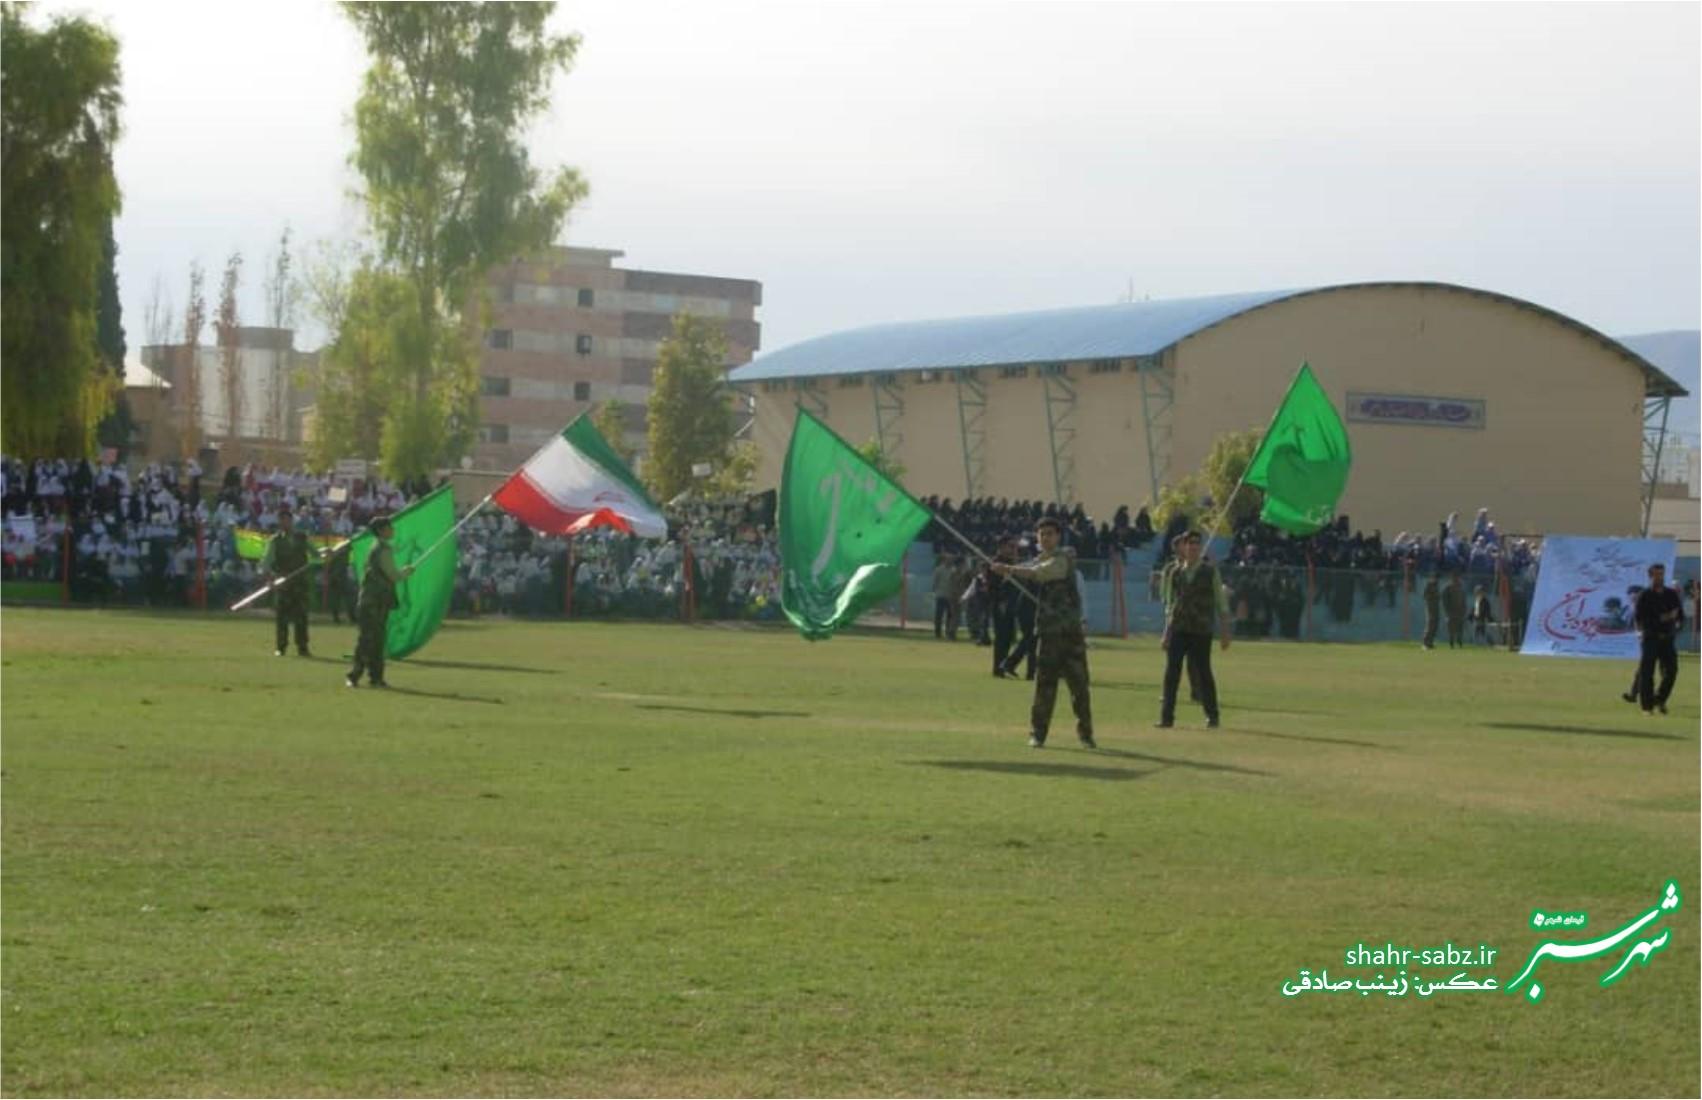 تجمع ضداستکباری دانش آموزان کازرون در 13 آبان1397/ عکس: زینب صادقی